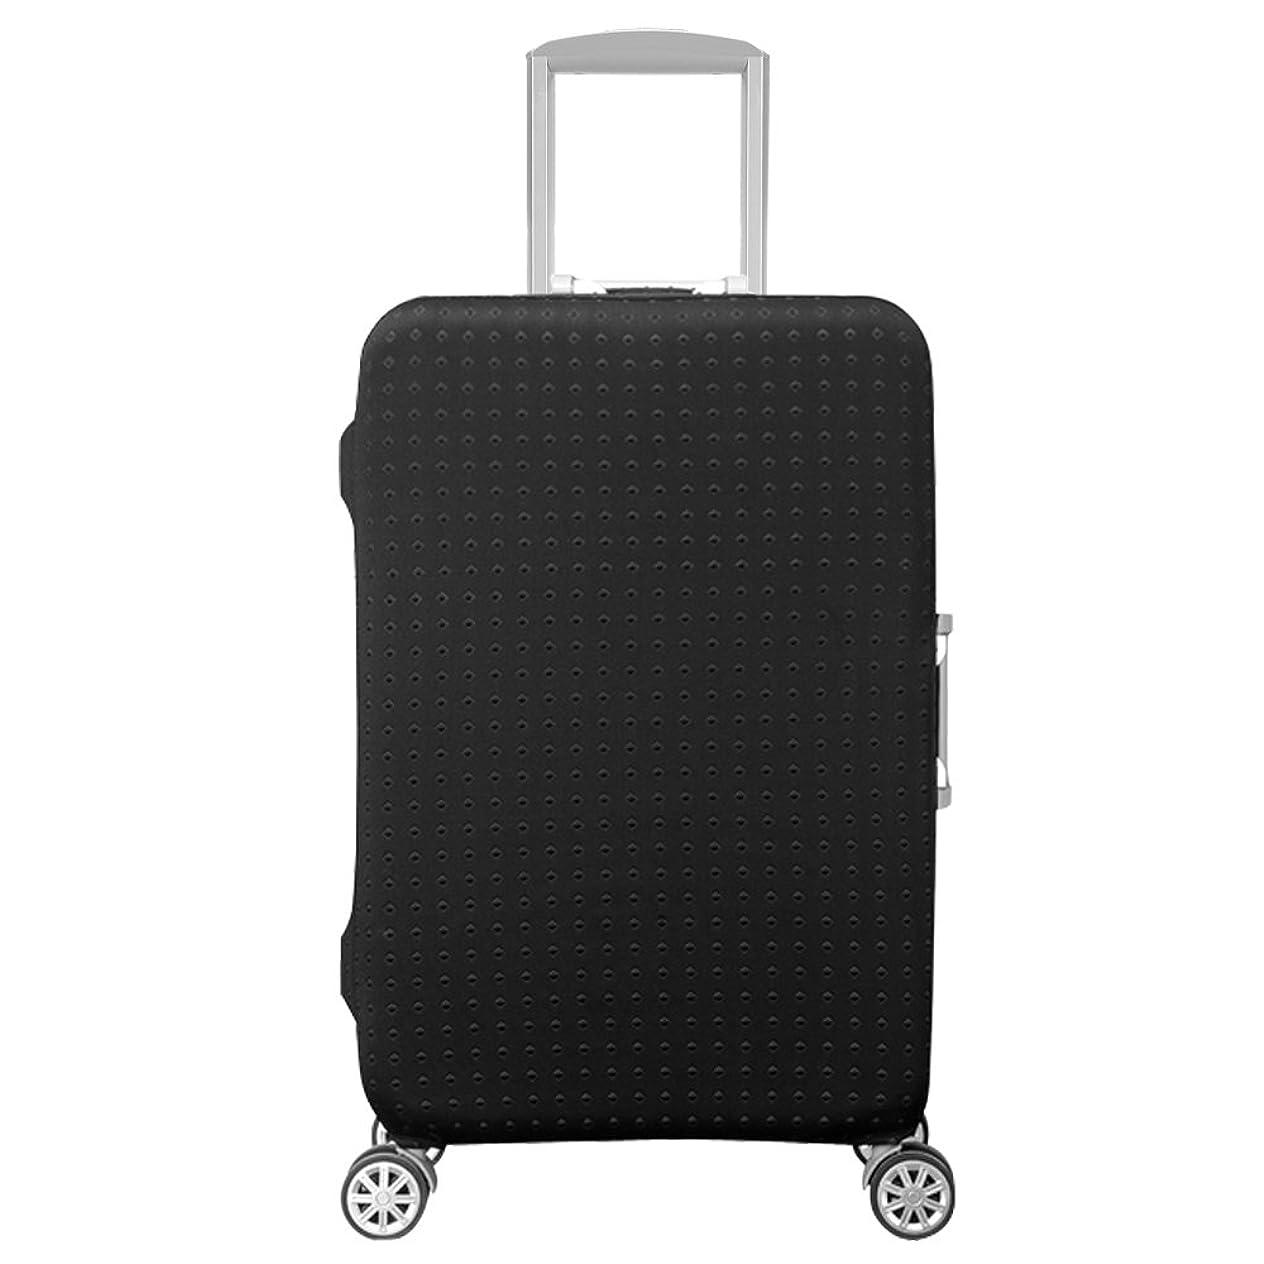 八説得力のある支援するスーツケースカバー 伸縮素材 オリジナルデザイン